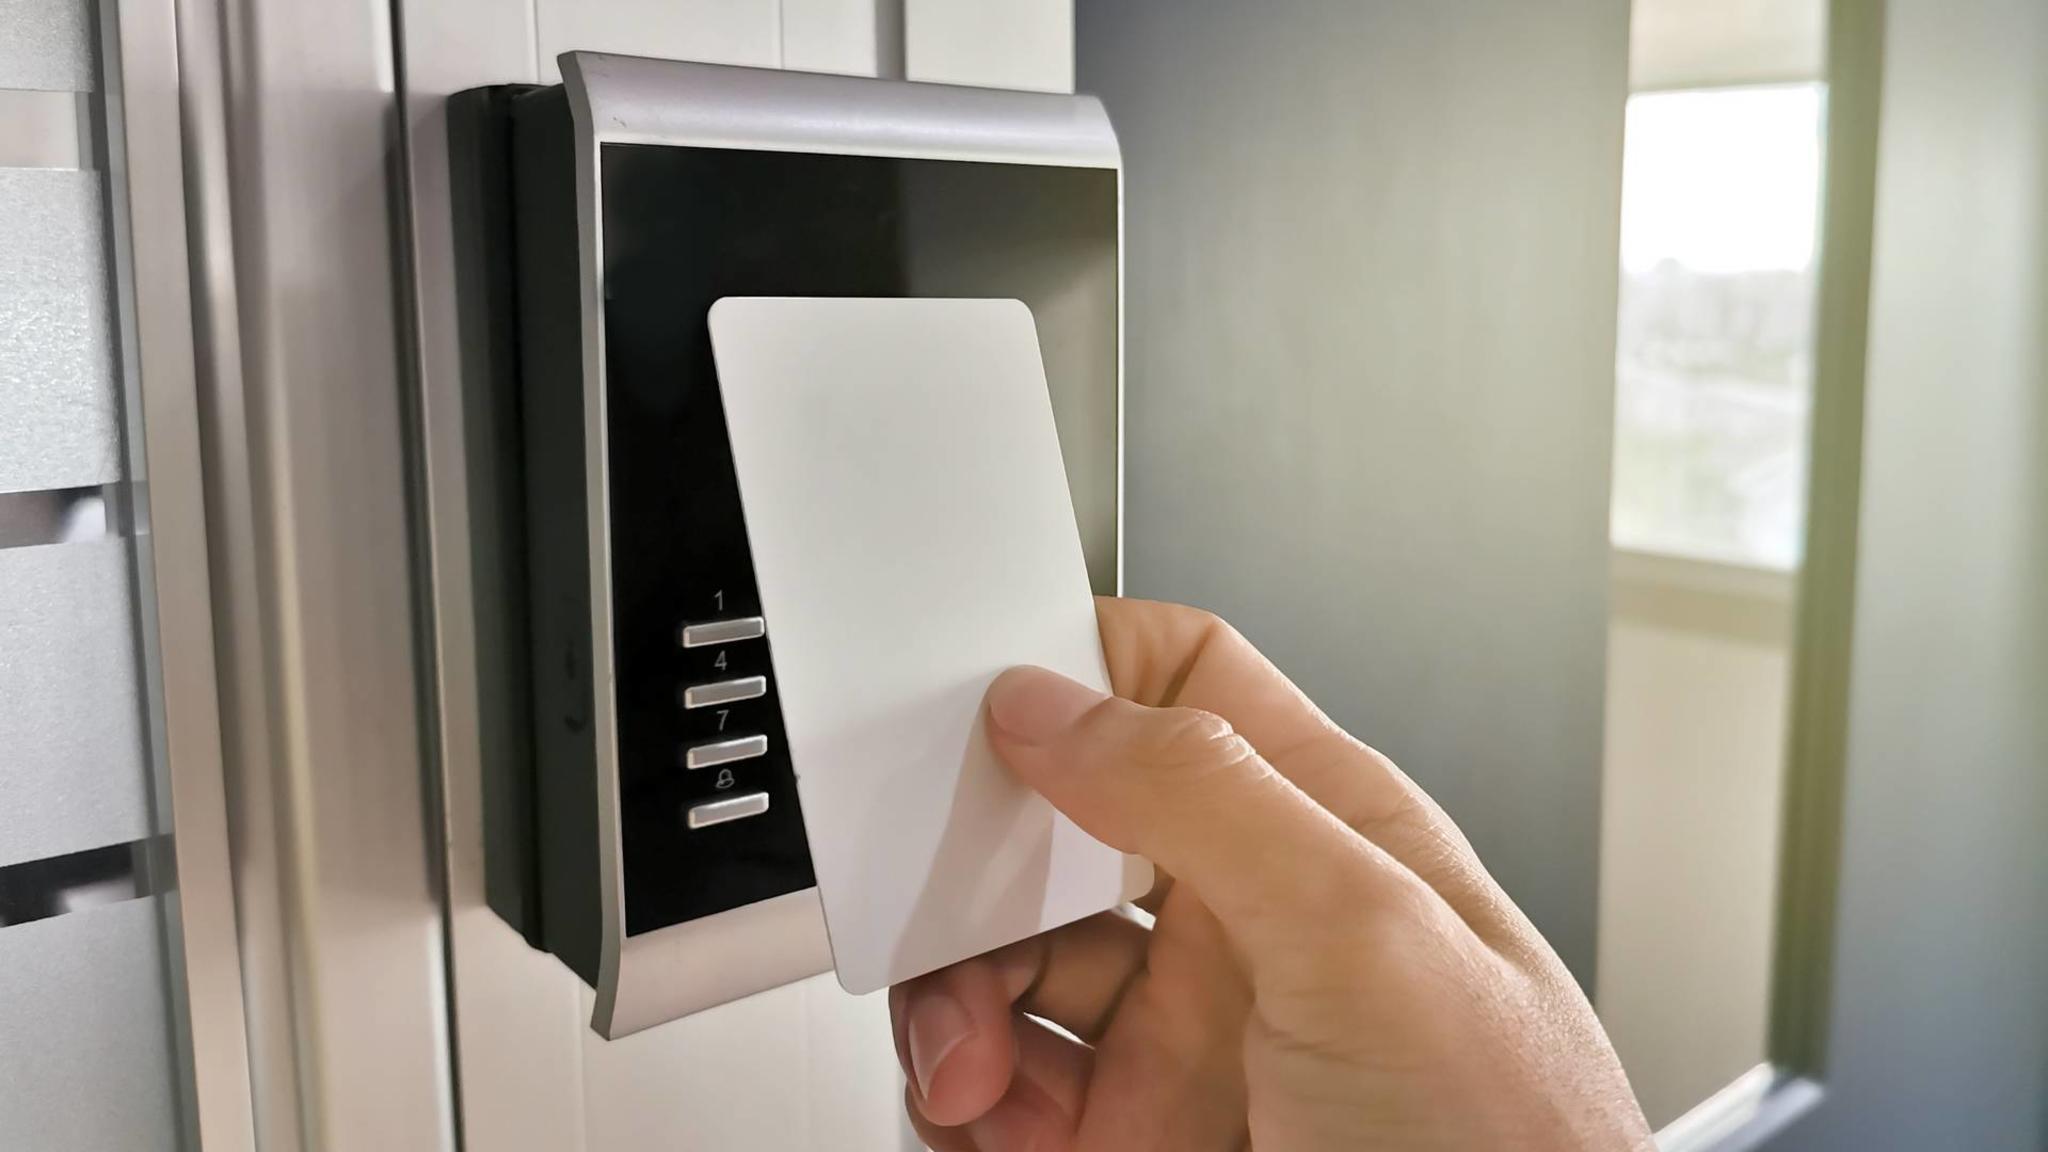 RFID kommt unter anderem in Schlüsselkarten zum Einsatz.